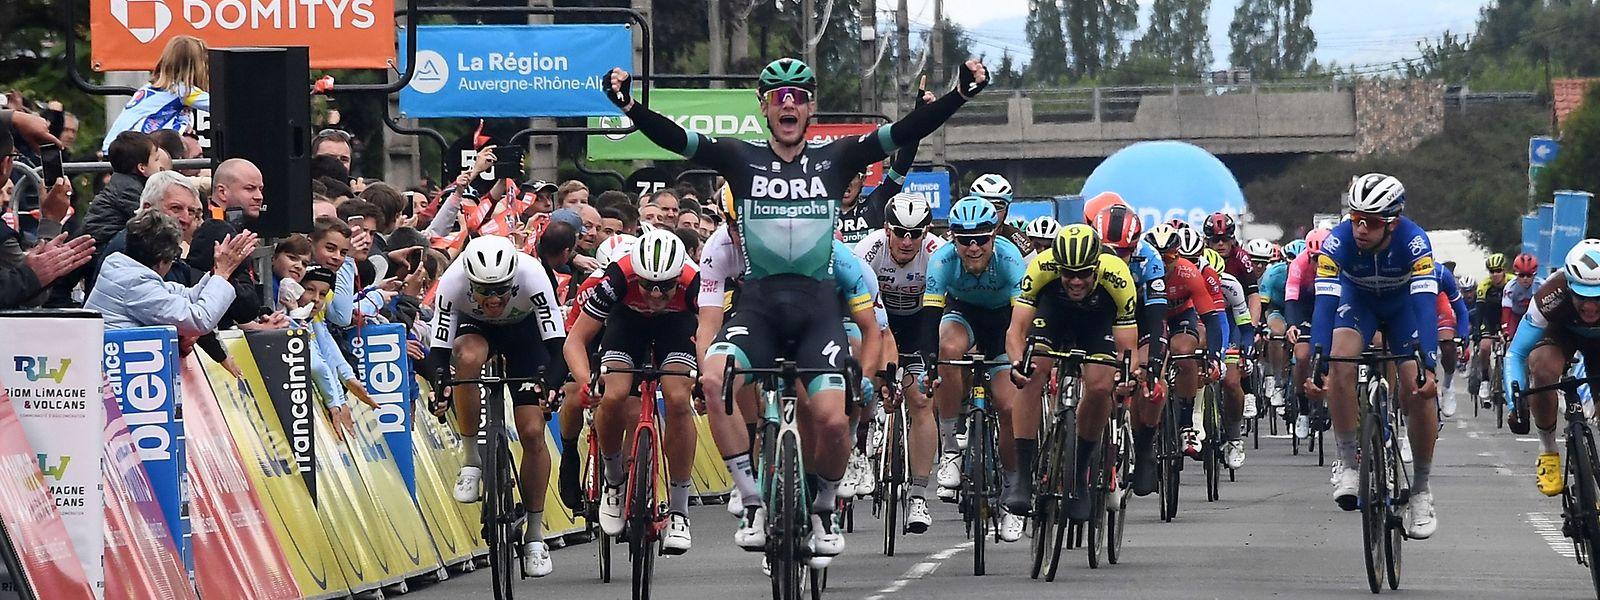 En Auvergne ce mardi, Sam Bennett (Bora-Hansgrohe) a remporté sa septième victoire de la saison.